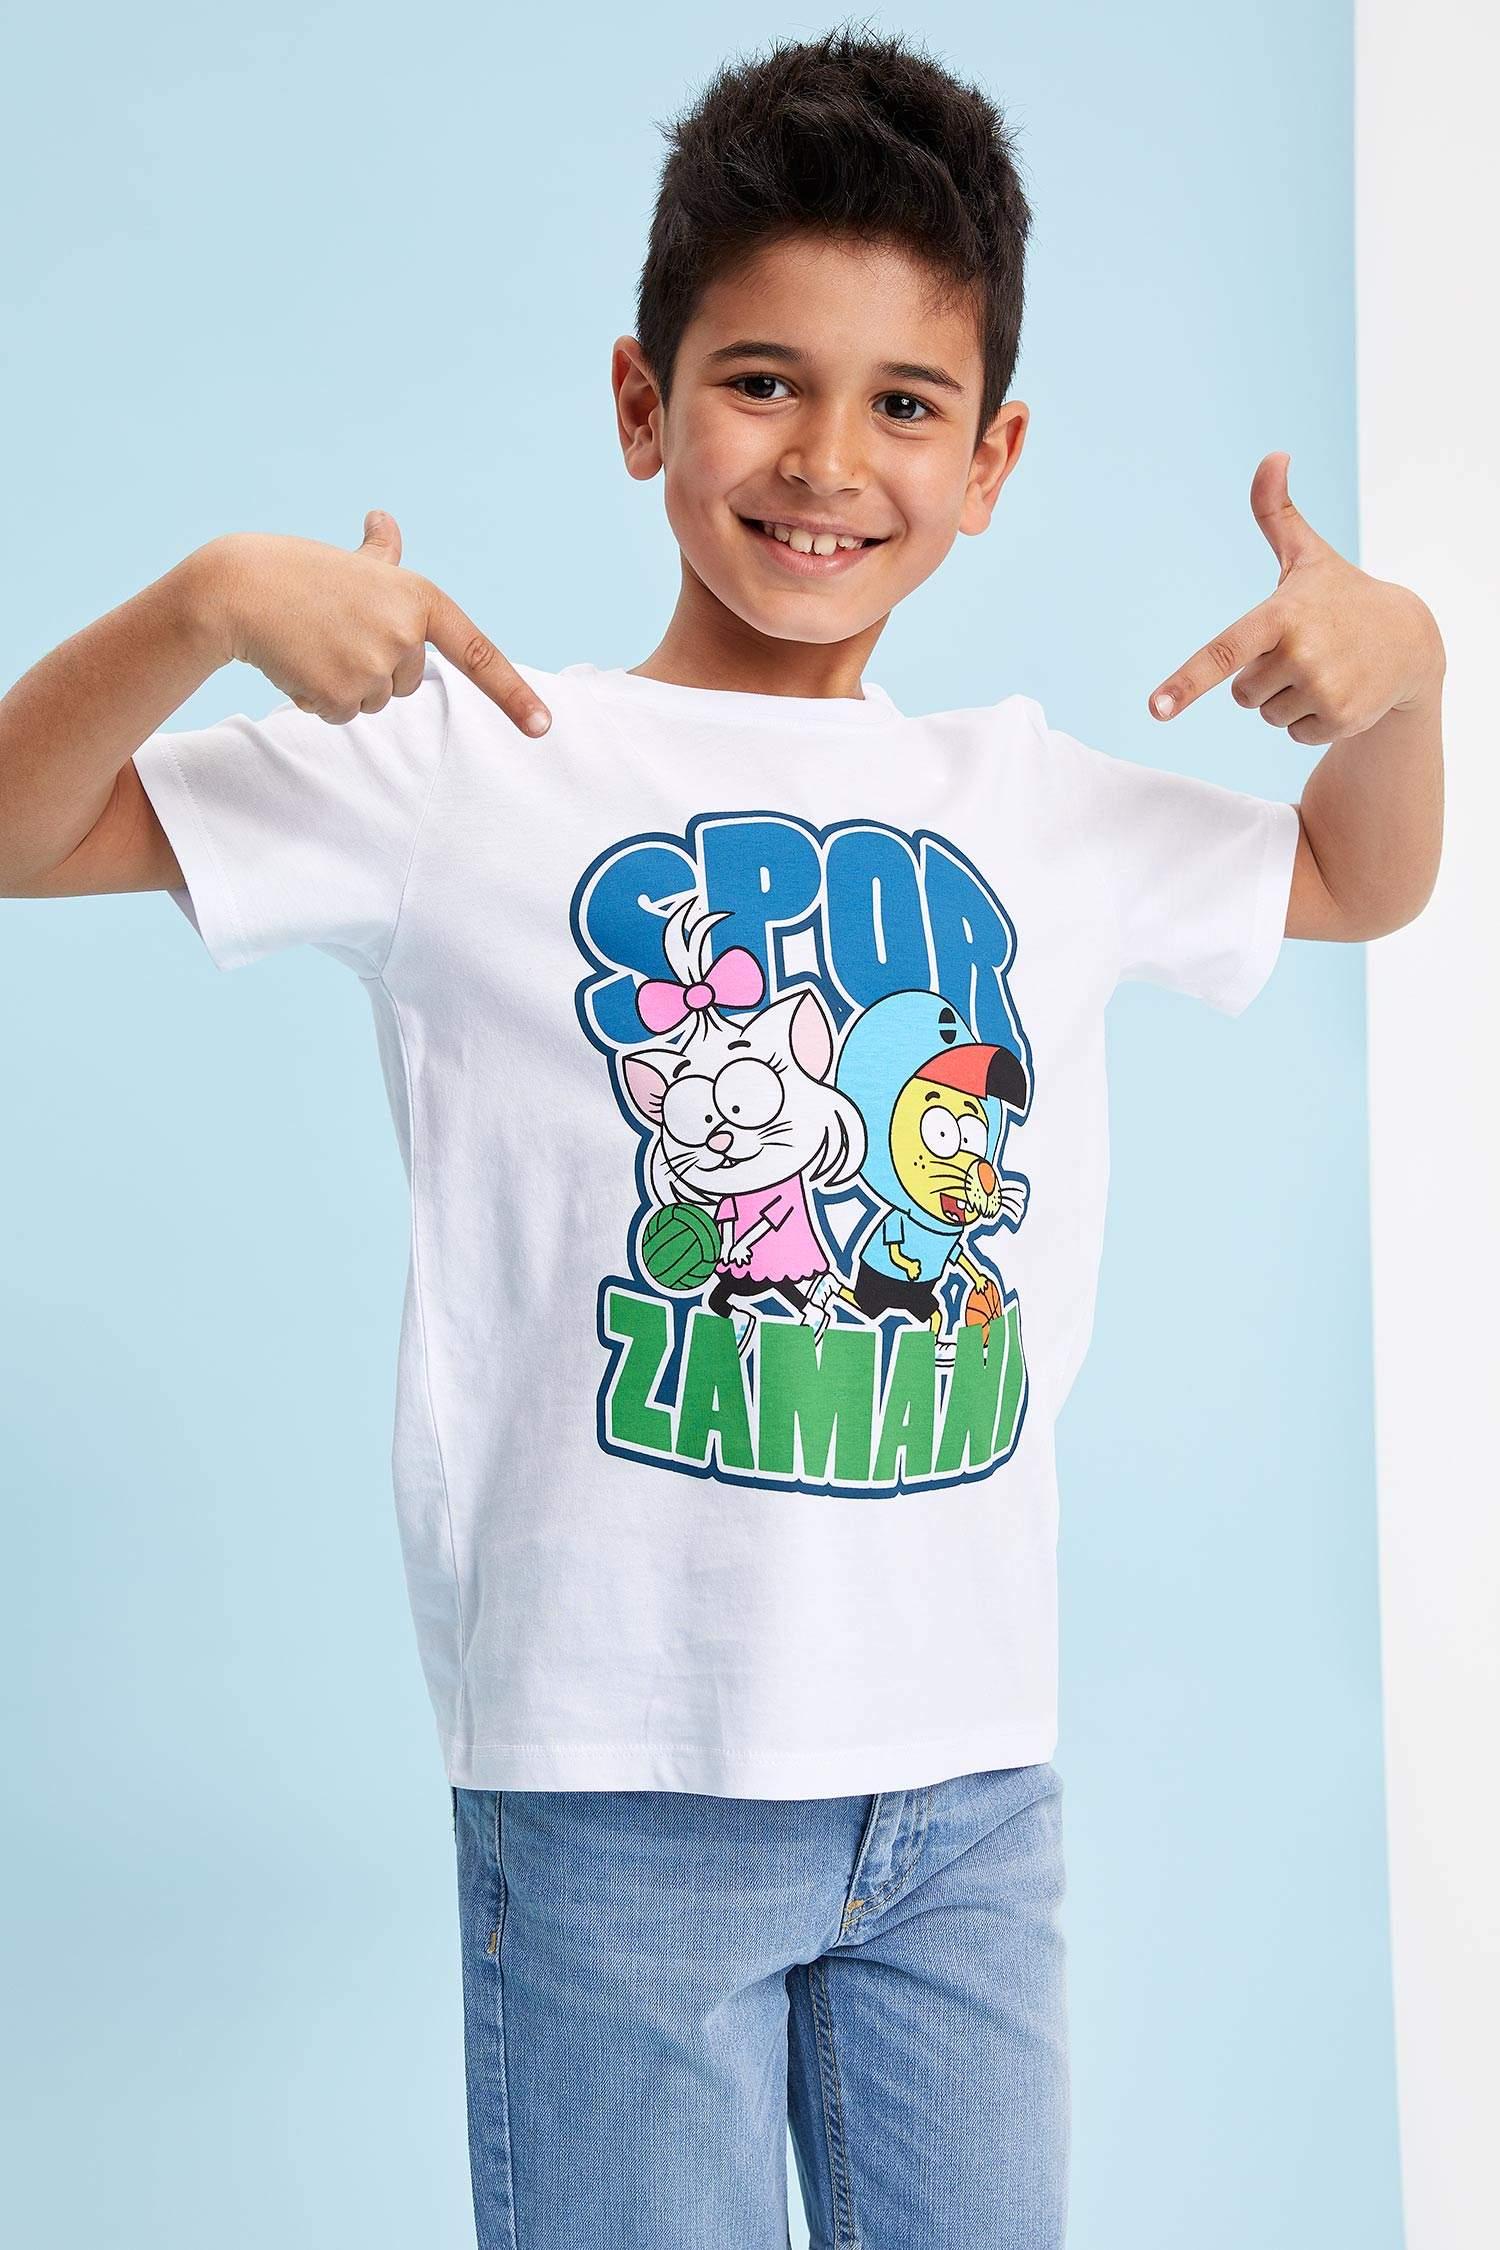 b2640826b6b99 Beyaz Erkek Çocuk - Genç Erkek Kral Şakir Lisanslı Erkek Çocuk T-Shirt  985514 | DeFacto